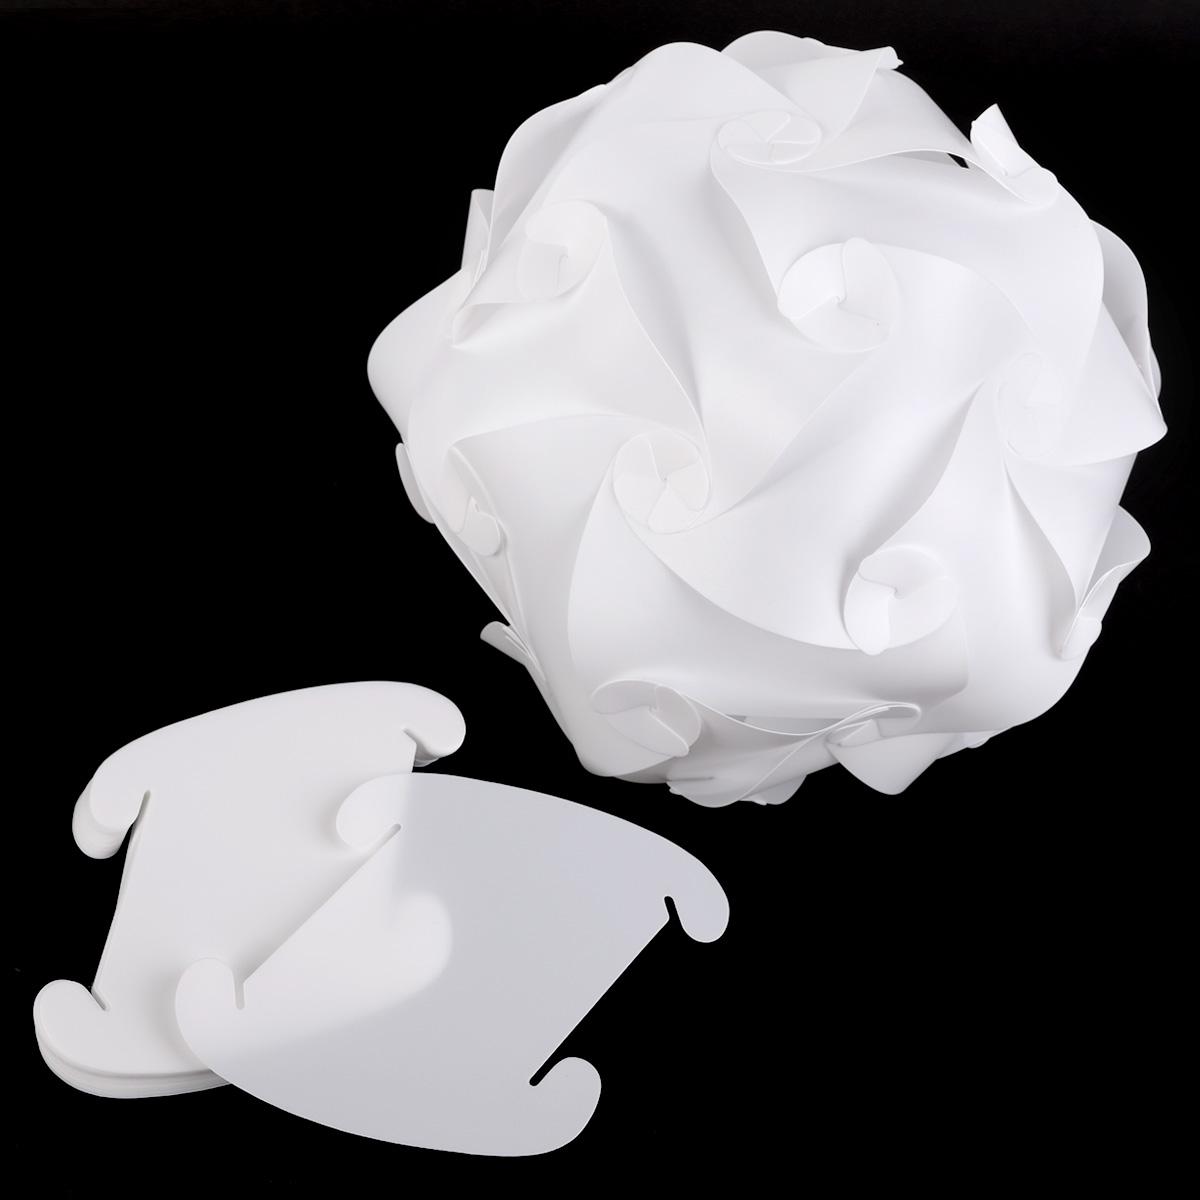 abat jour suspendu plastique blanc puzzle 30 morceaux lampe 25cm 30cm 40cm. Black Bedroom Furniture Sets. Home Design Ideas